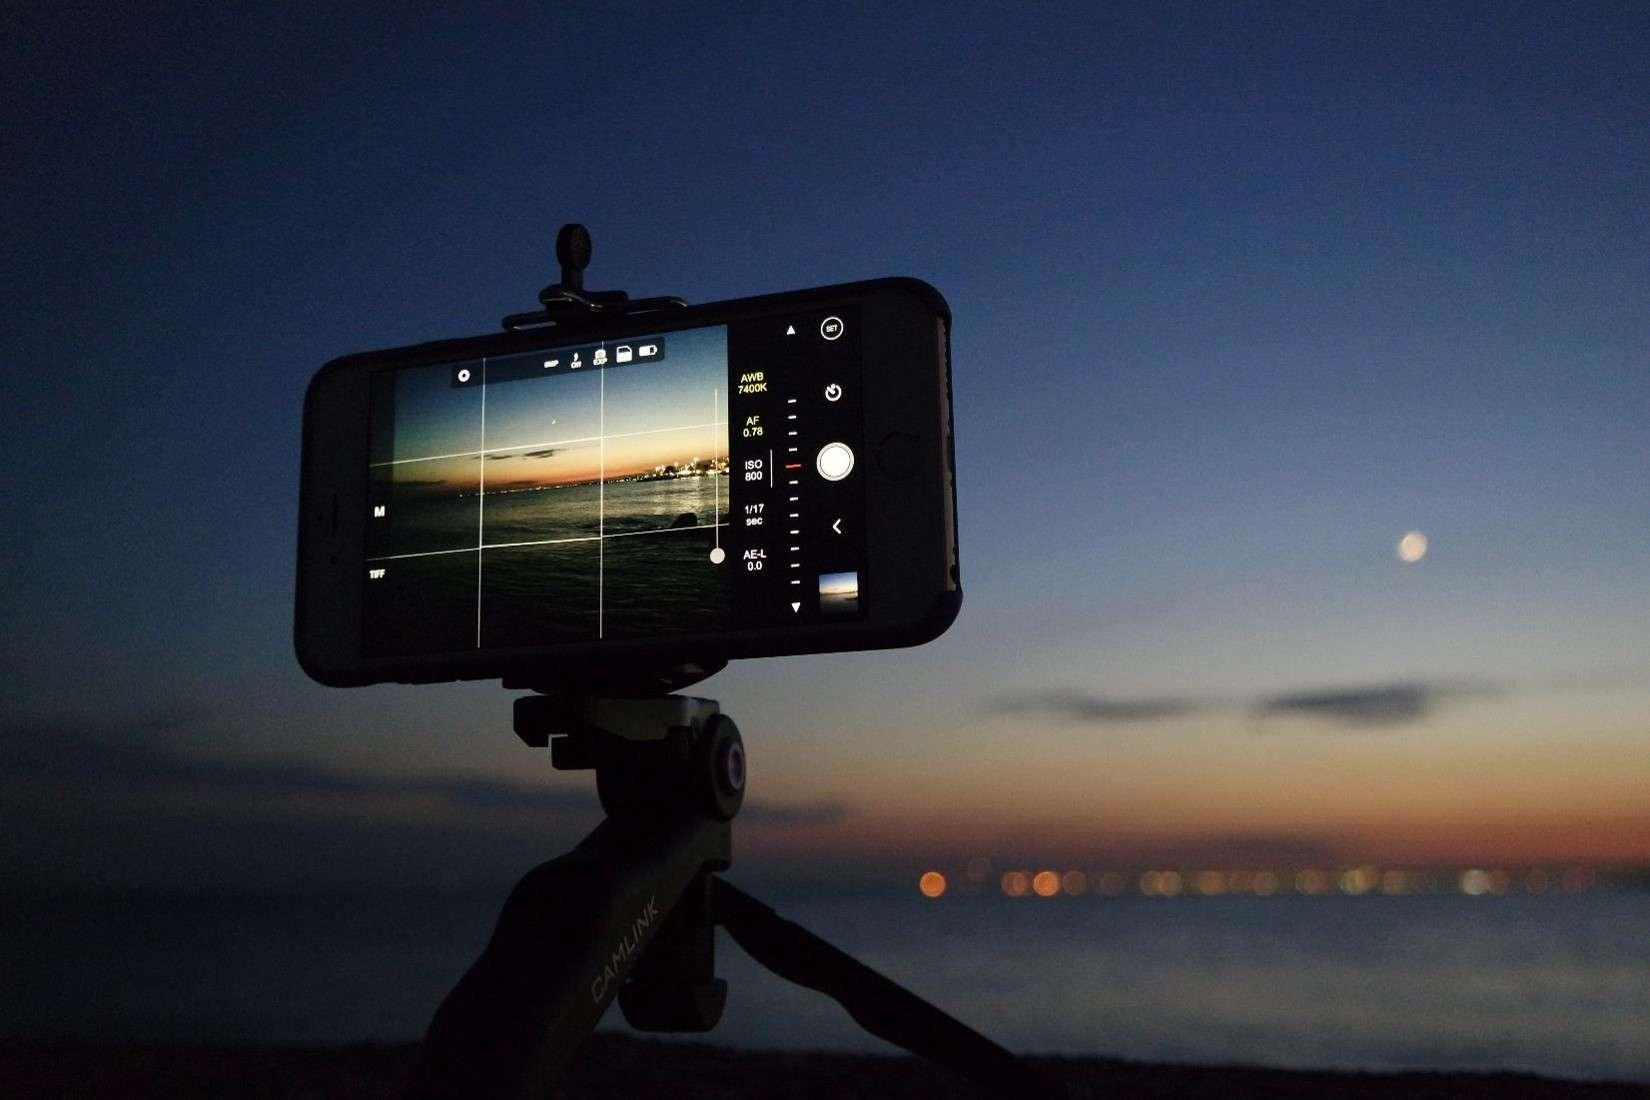 Chụp ảnh thiên văn chỉ bằng smartphone - Bạn đã thử chưa?